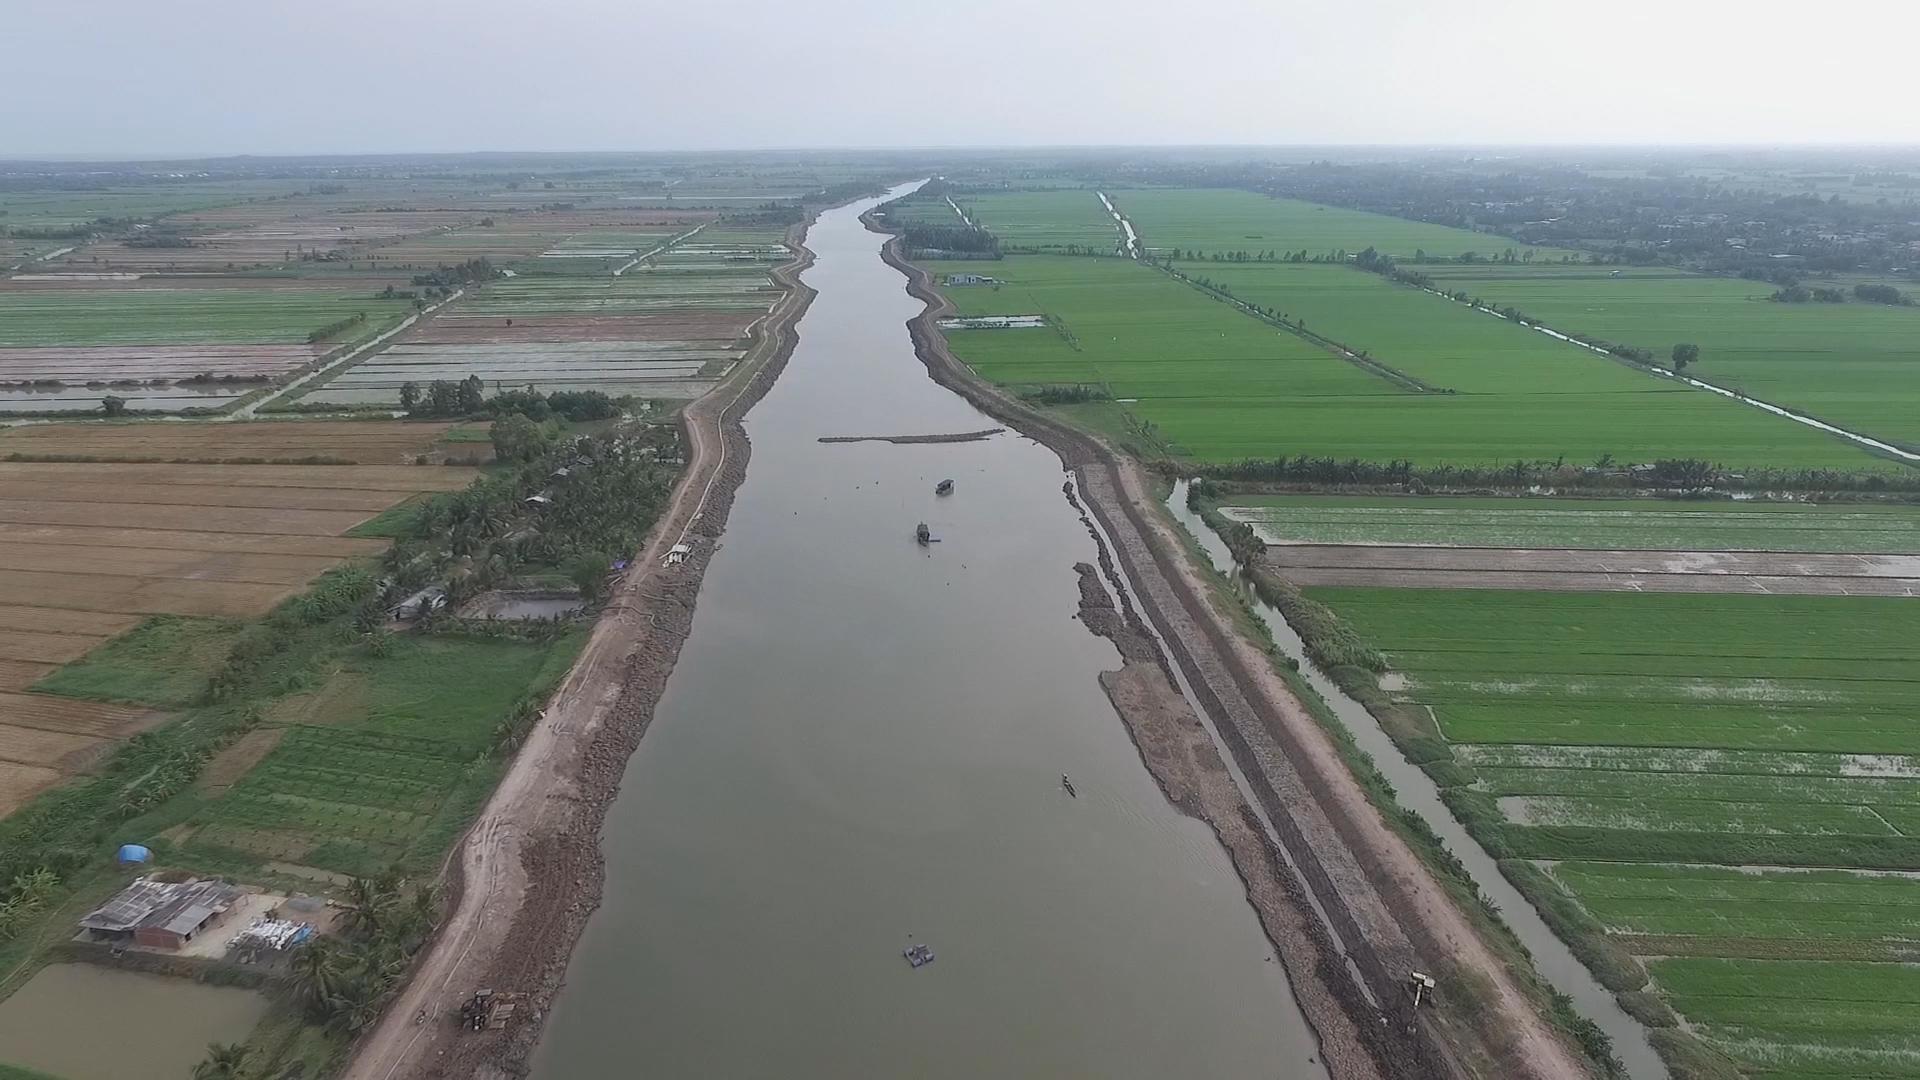 Hồ trữ nước ngọt từ con kênh đào thời Pháp ở miền Tây